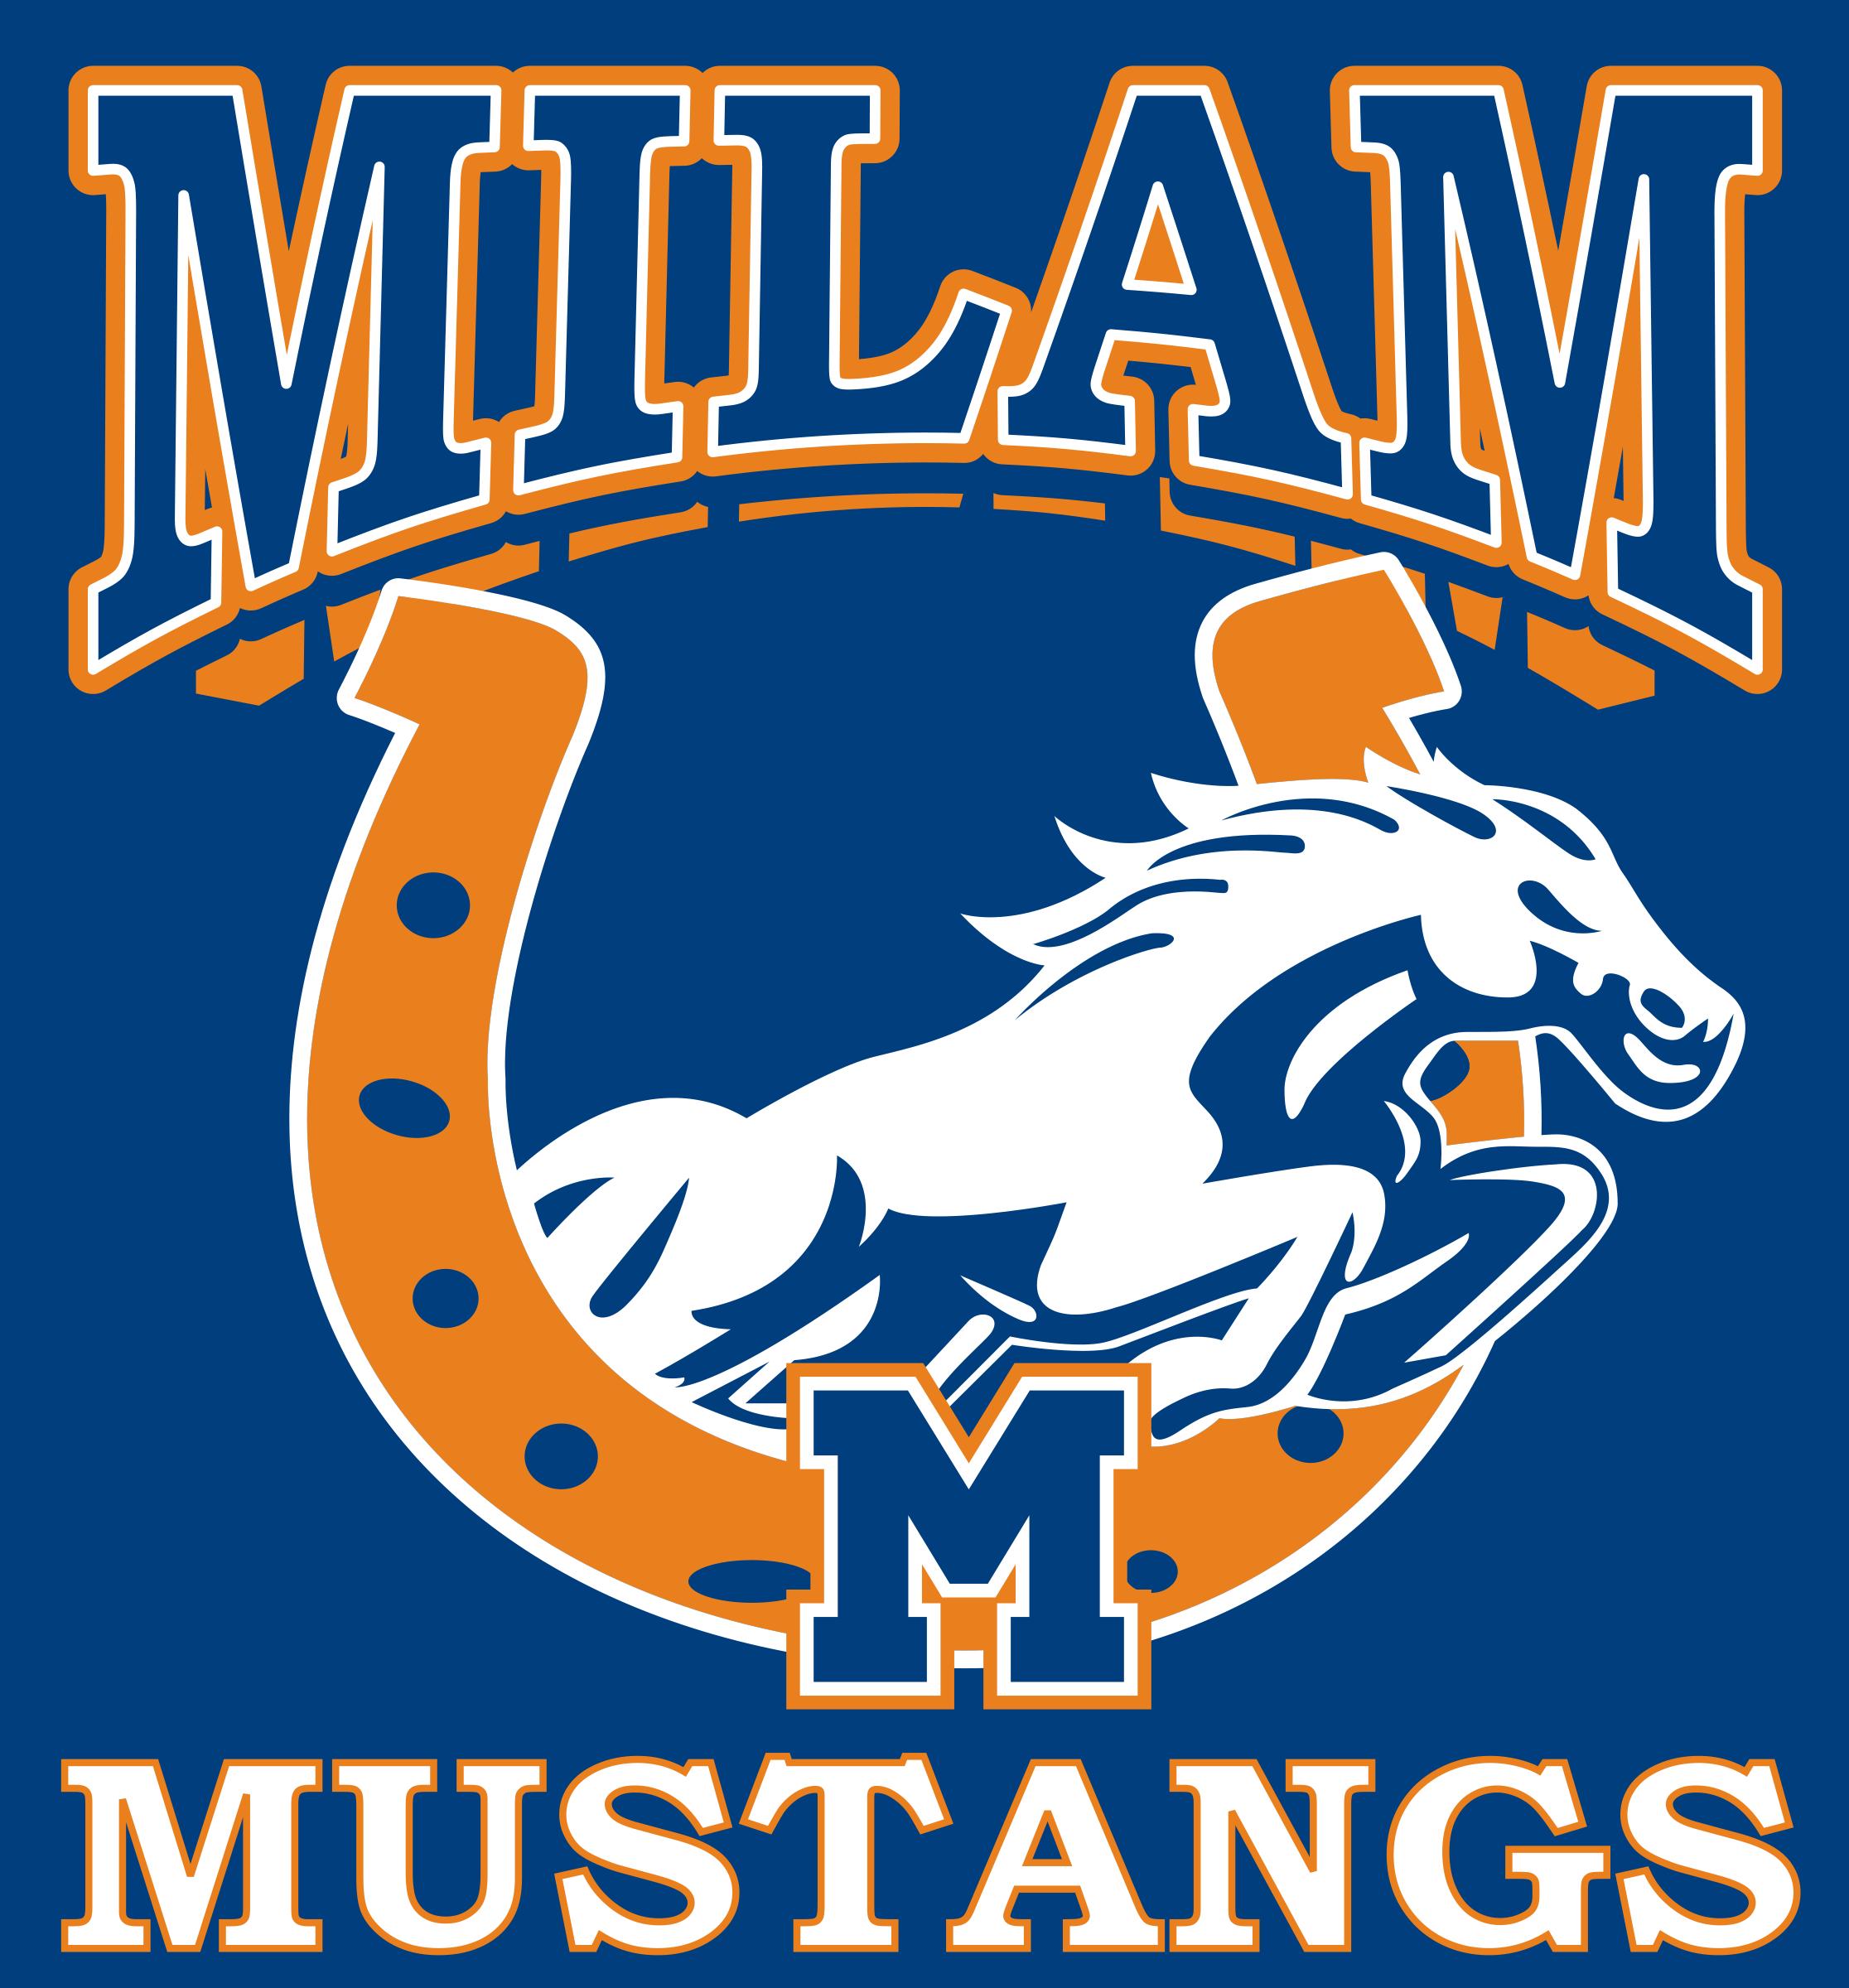 Milam Mustangs